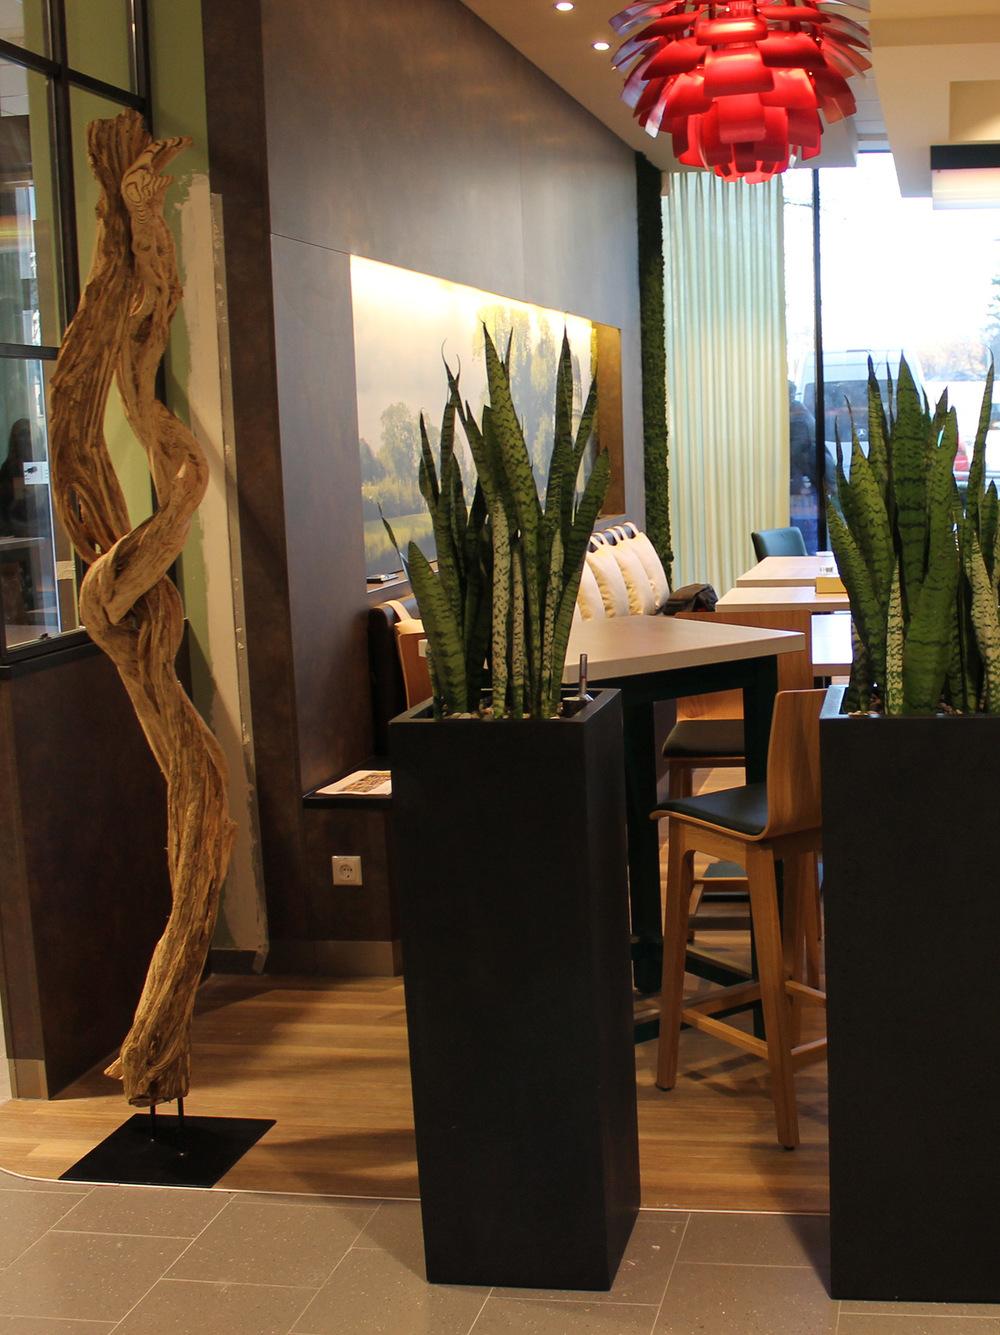 5-Holzobjekt-und-moderne-Pflanzgefäße-für-den-Innenbereich.jpg